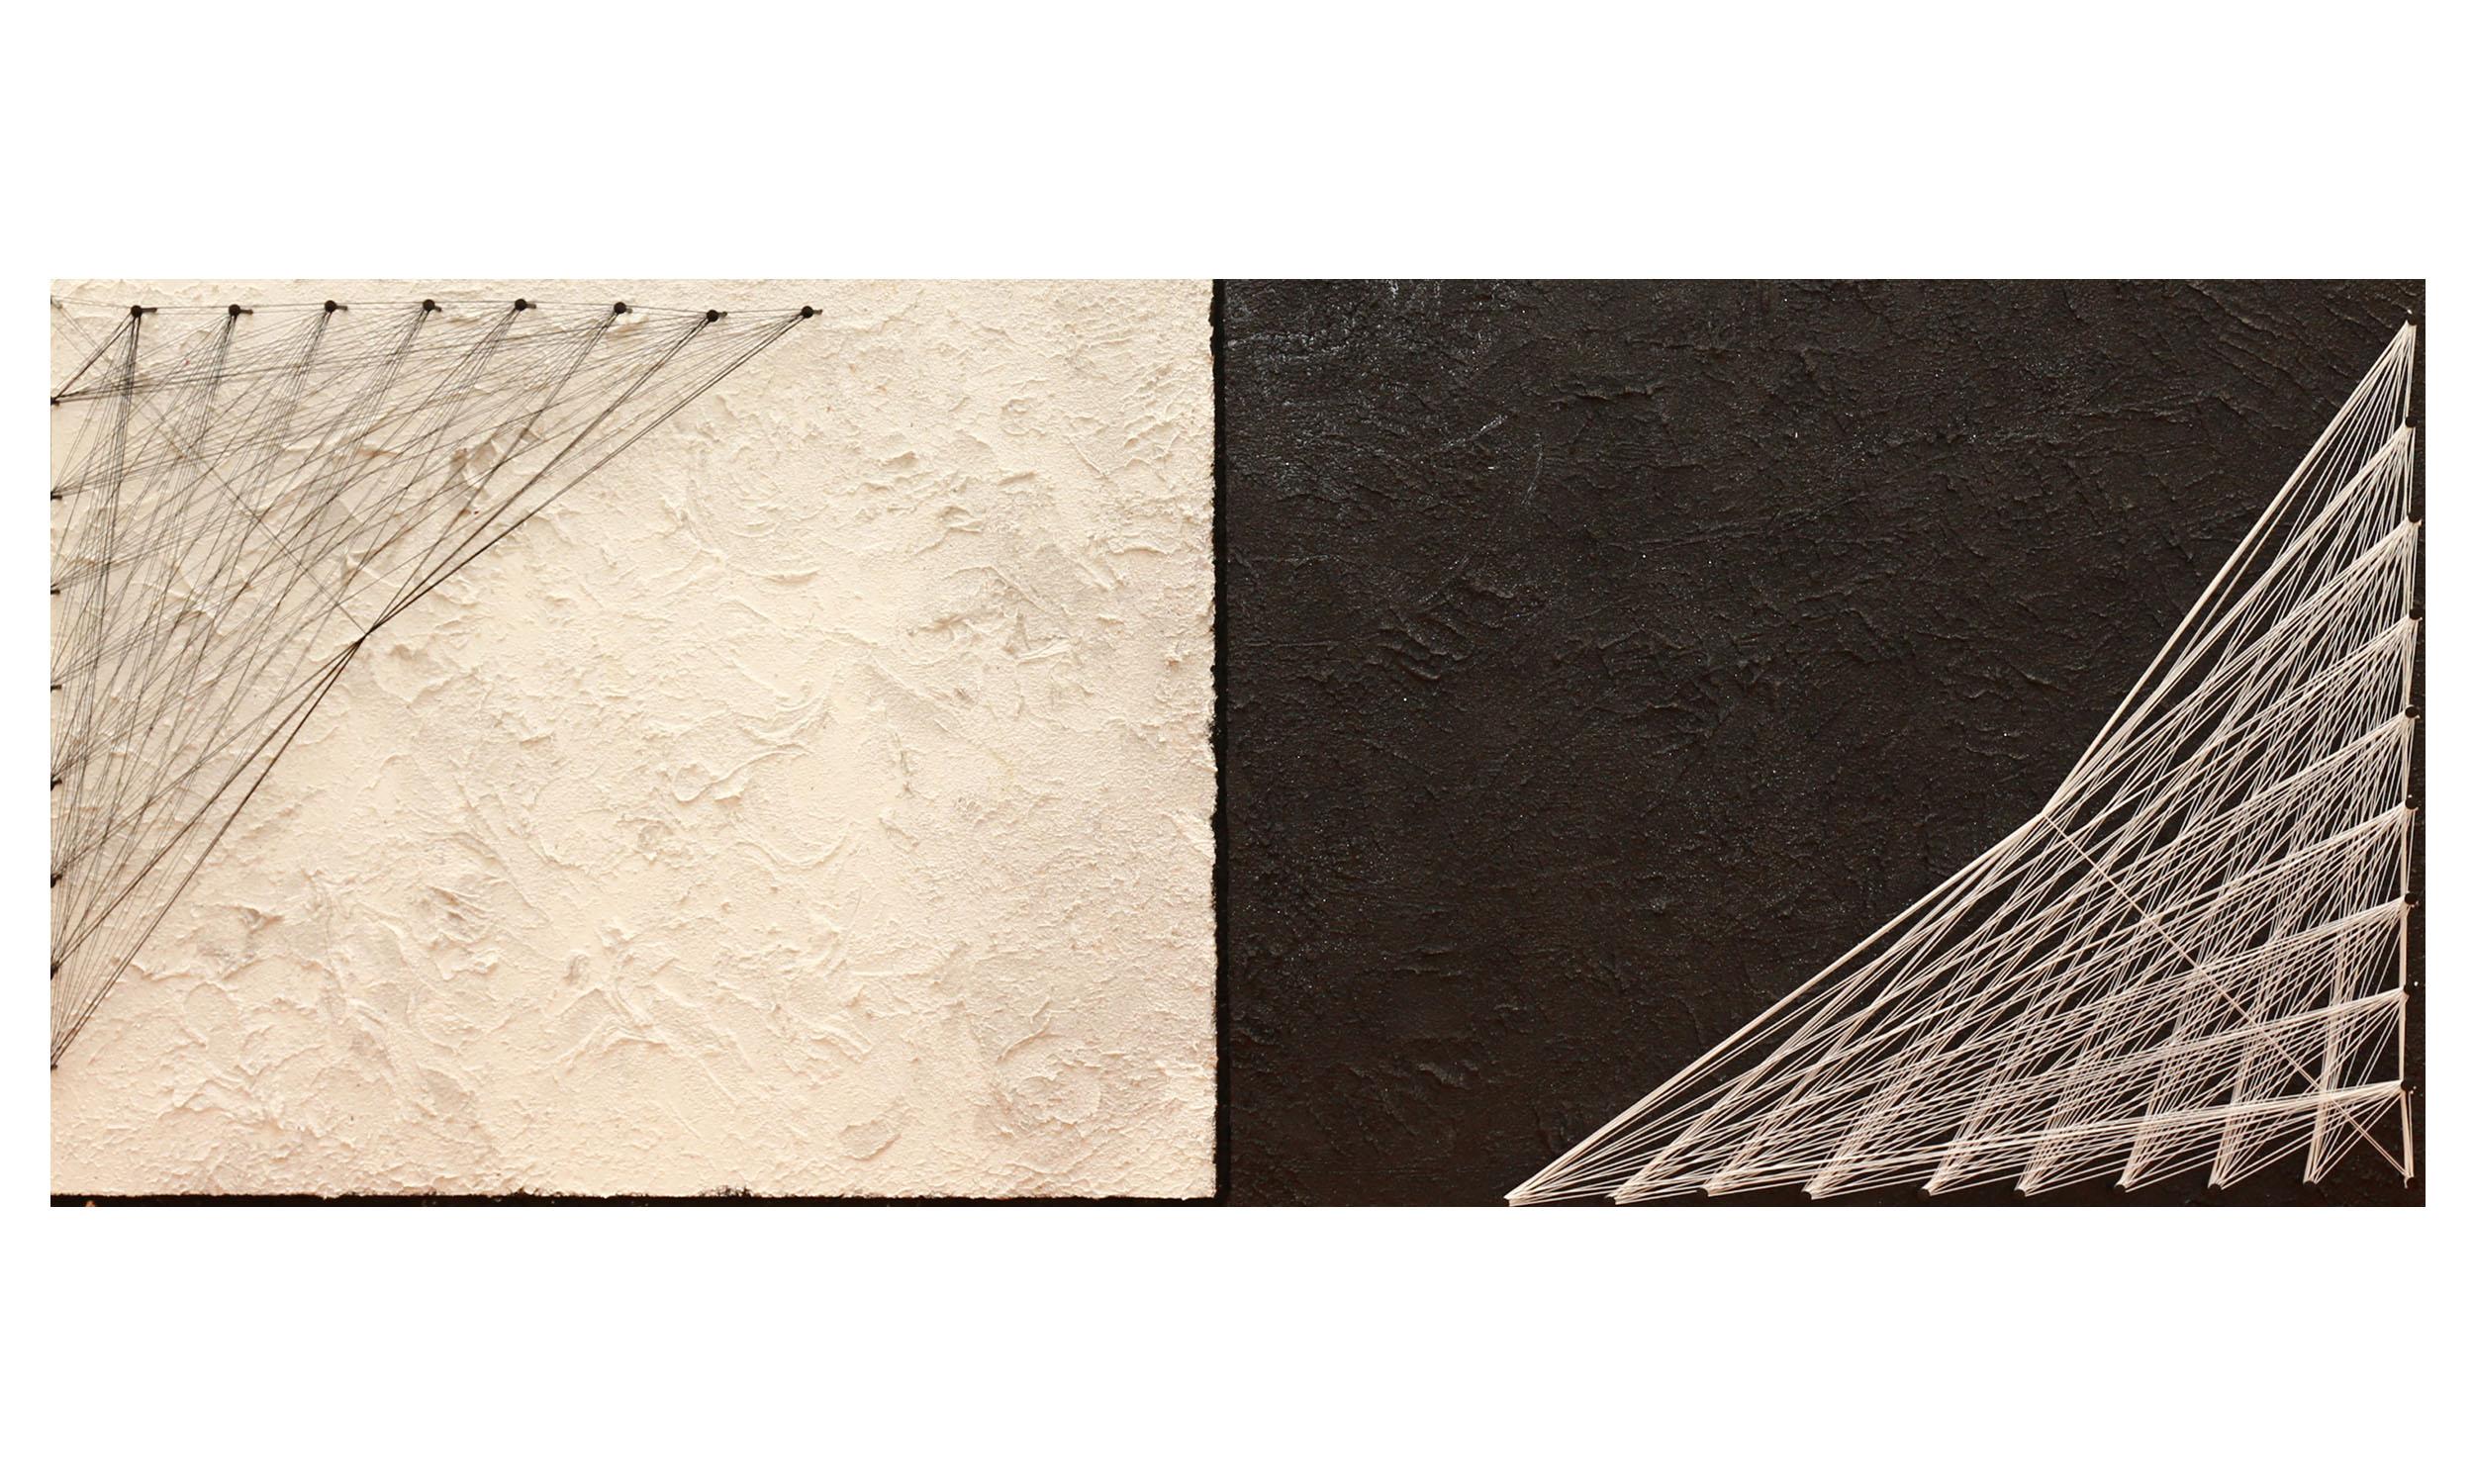 Massimo-marchioro-contrasti